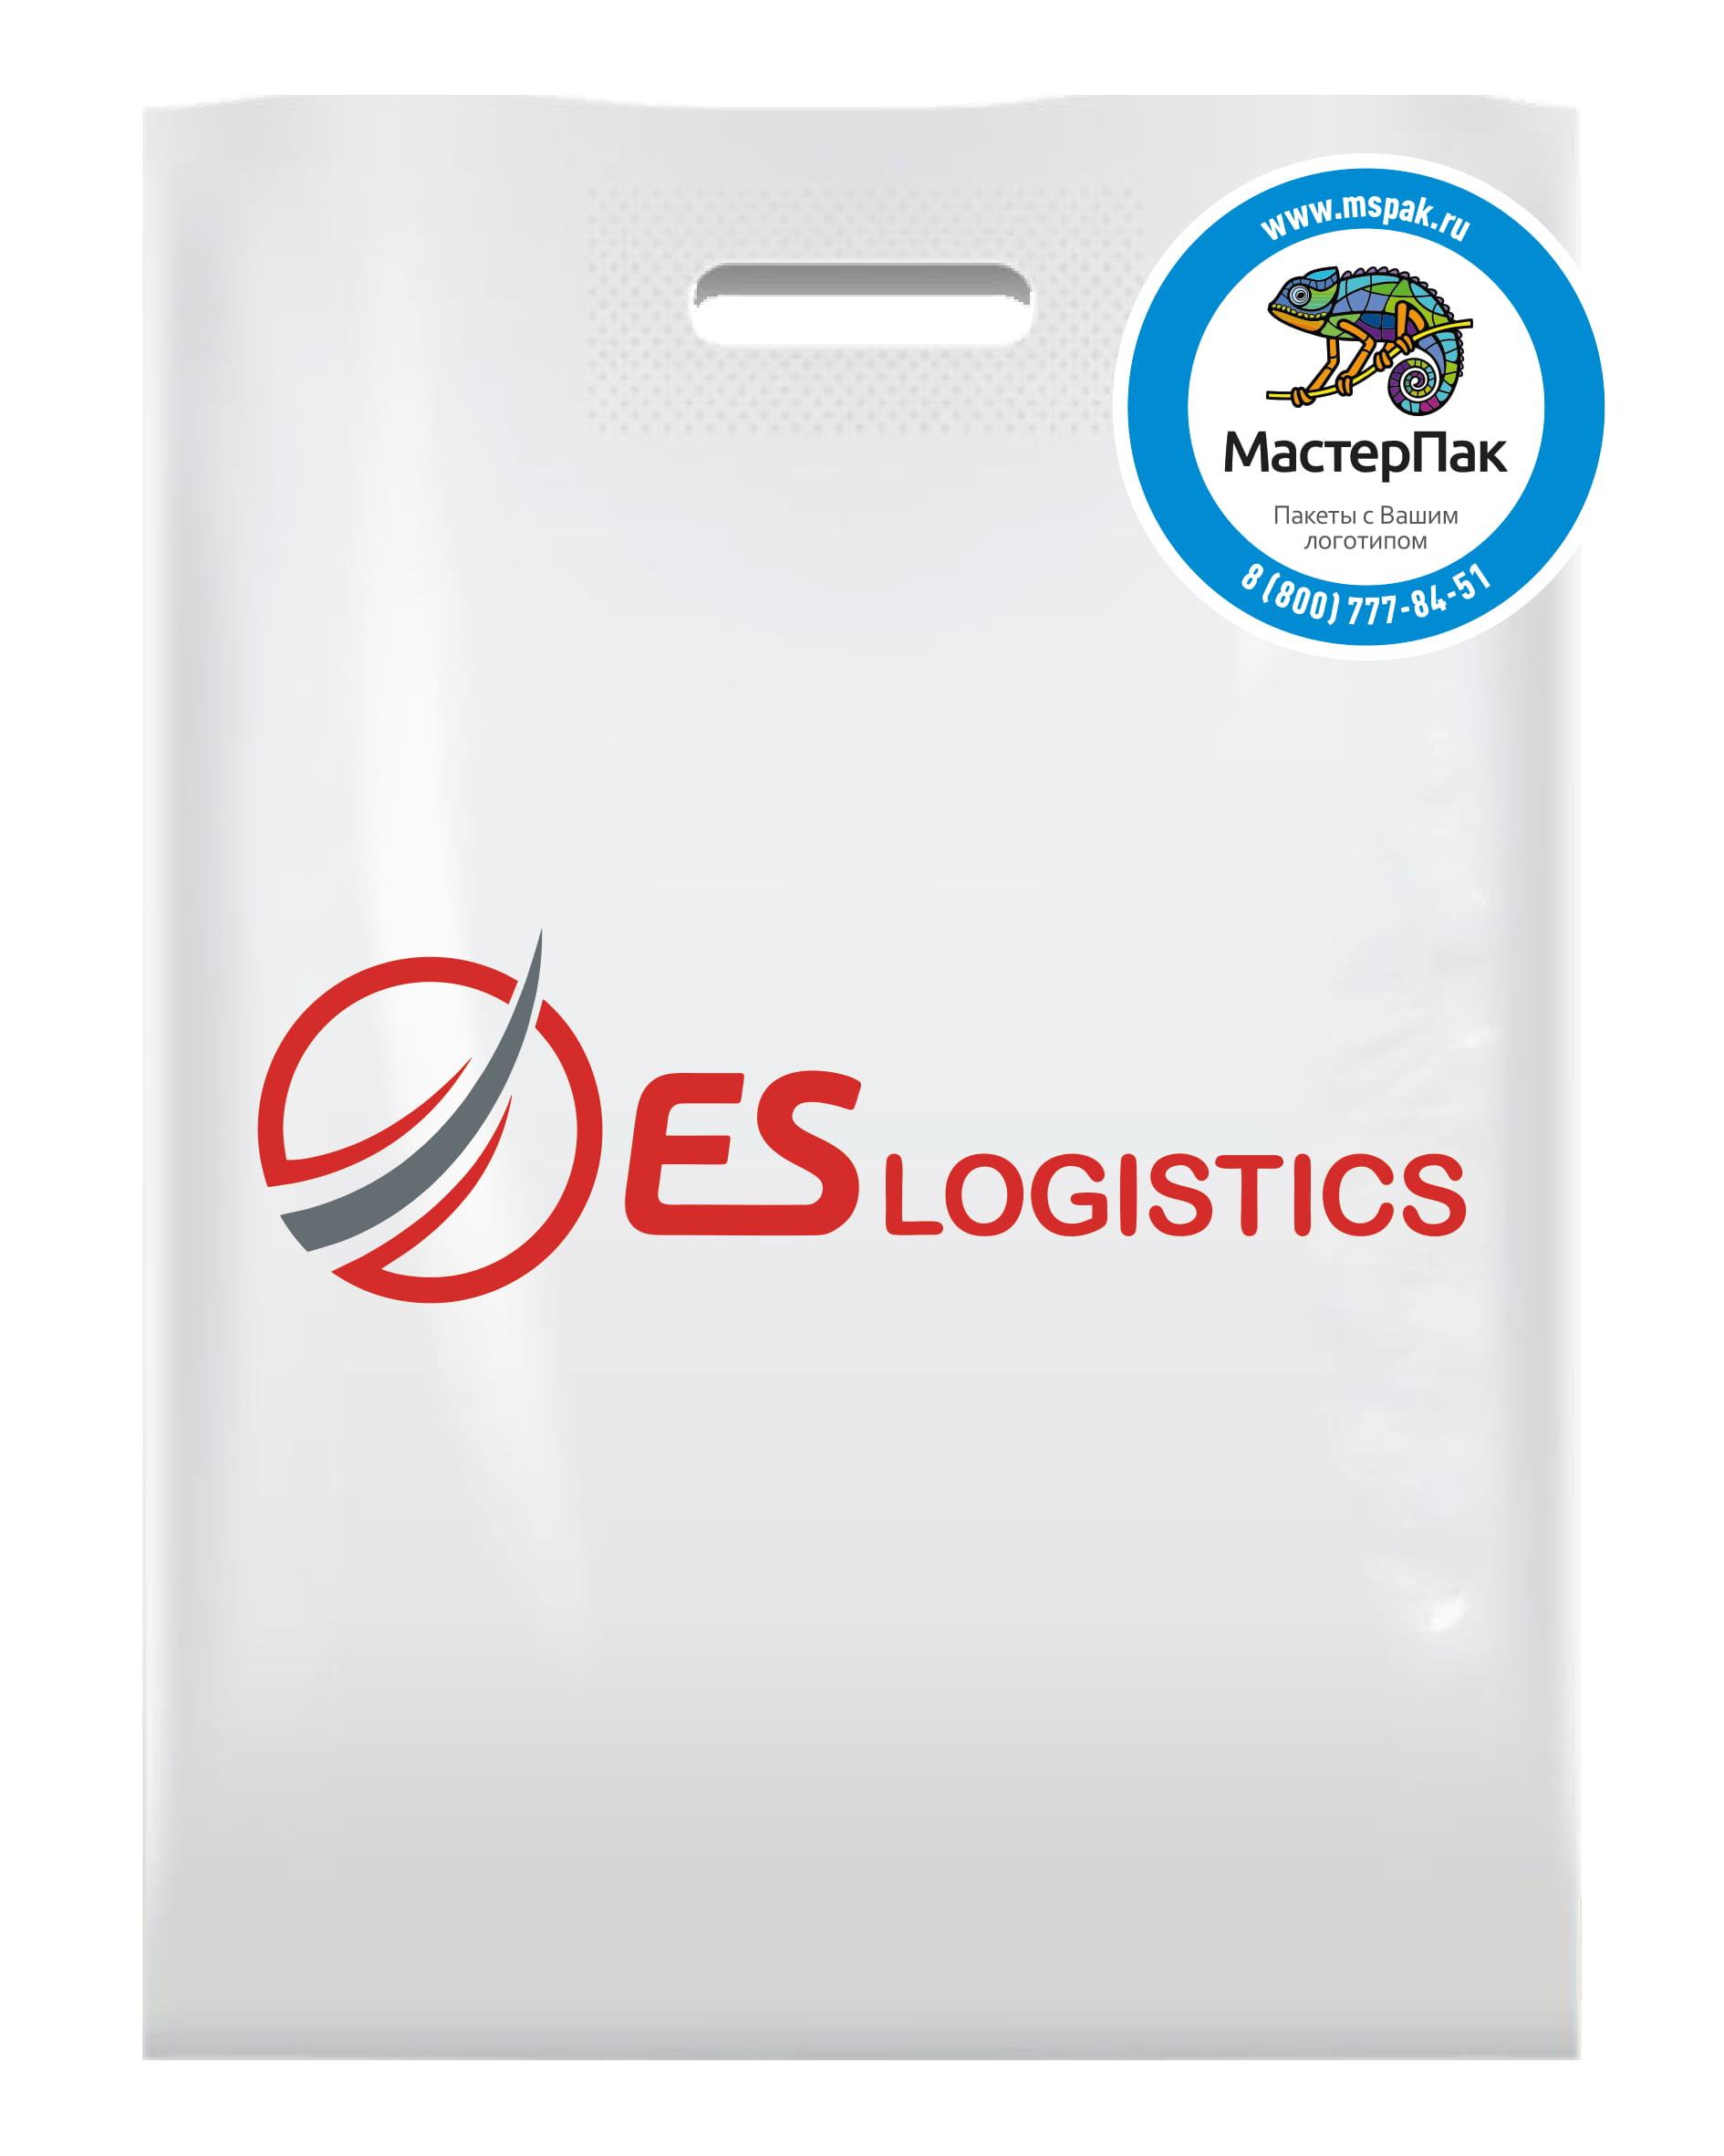 Пакет ПВД с логотипом ES Logistics, Калининград, вырубная ручка, 70 мкм, 30*40